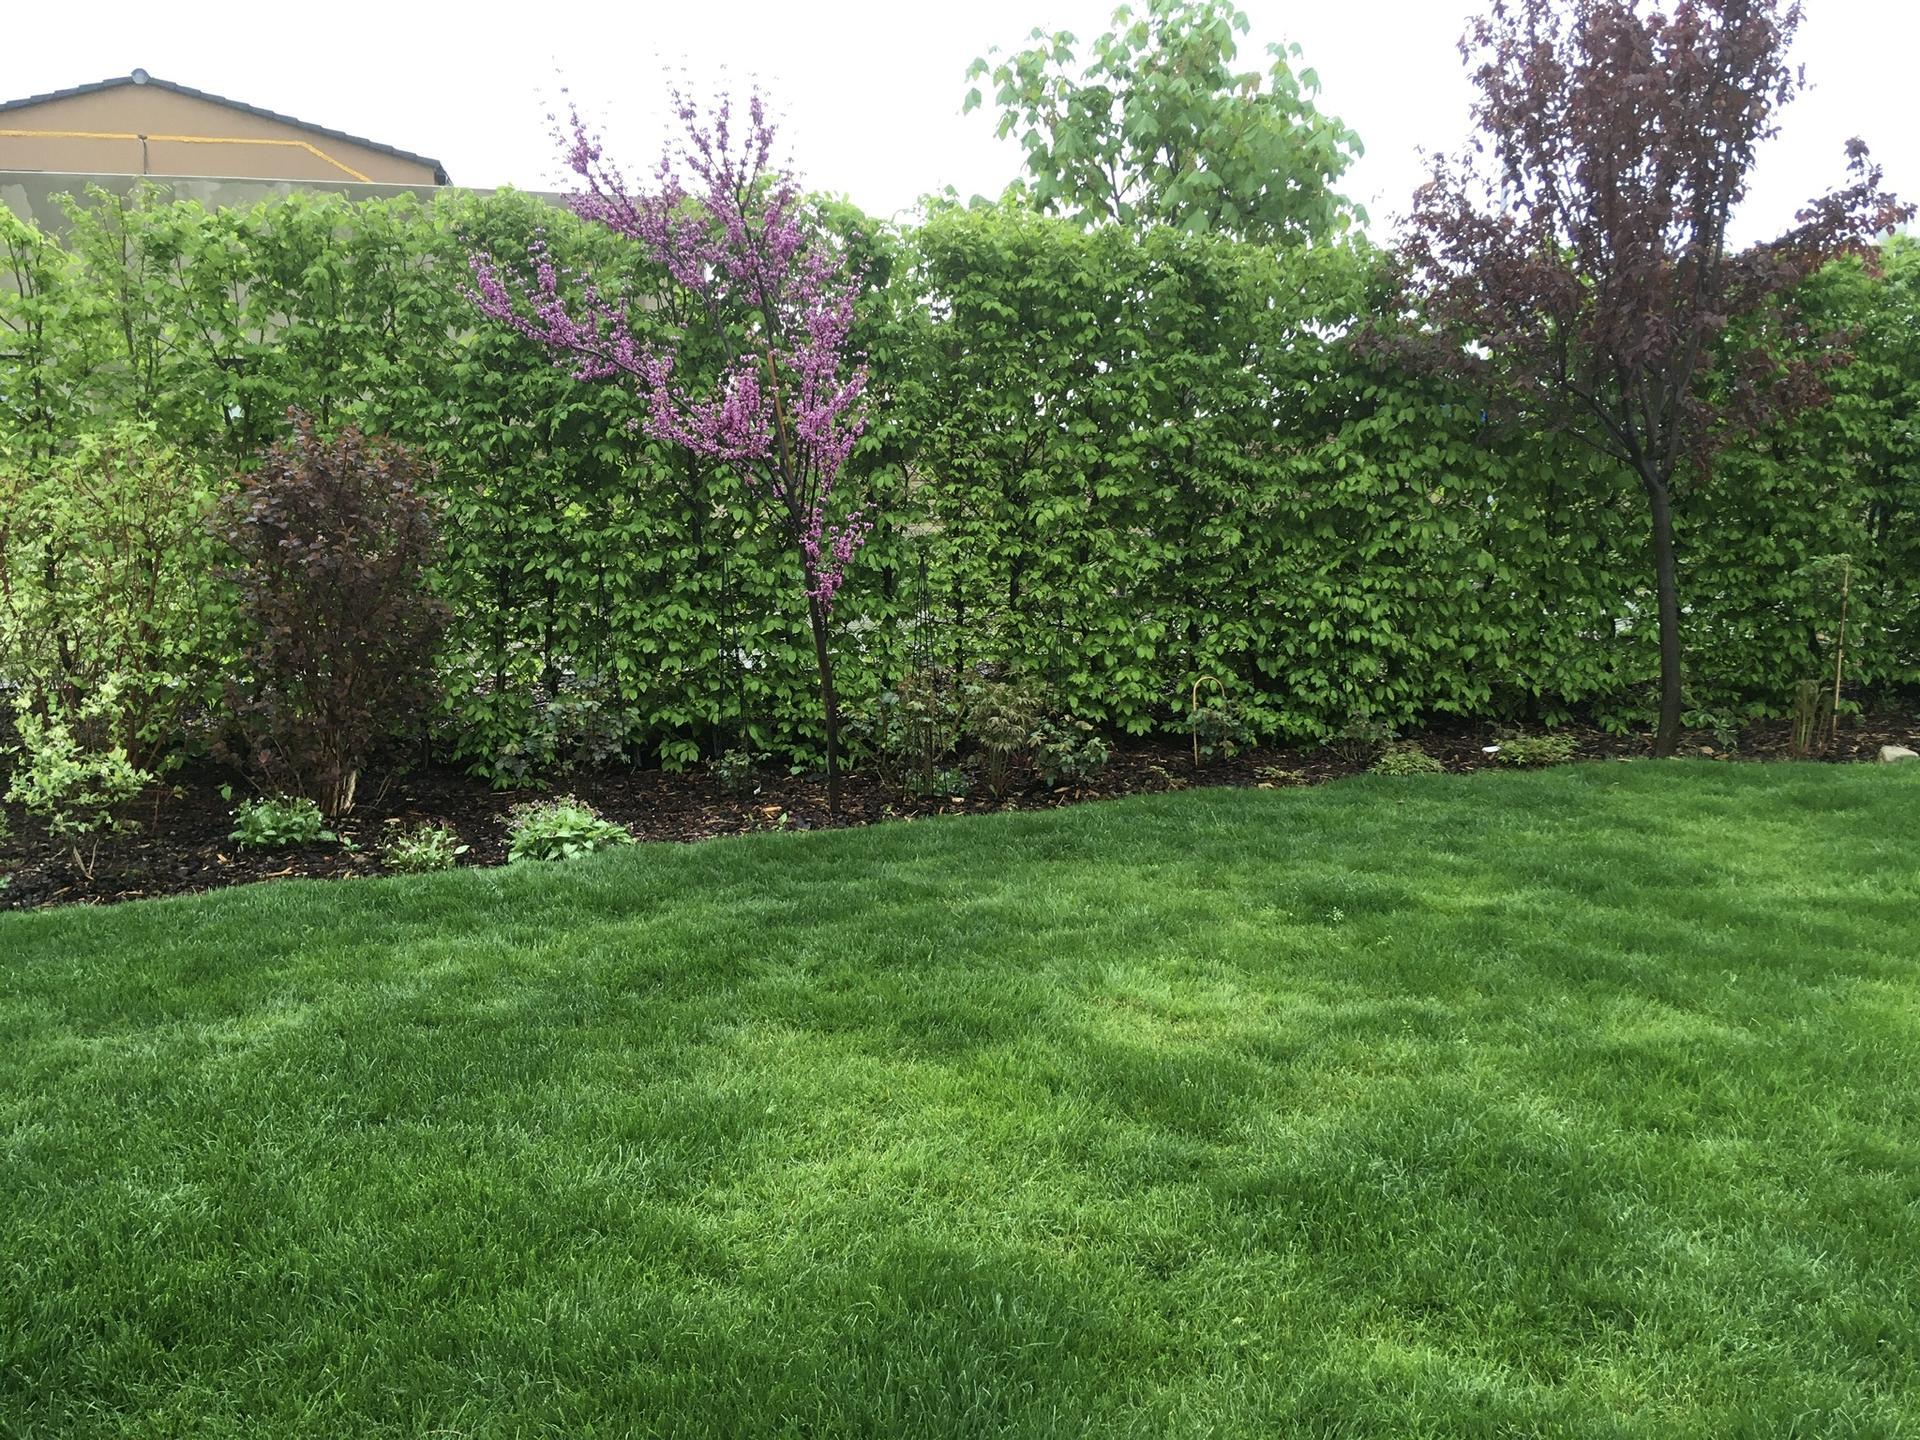 Zahrada 2020 - Travnicek uz se pekne zelena ❤️